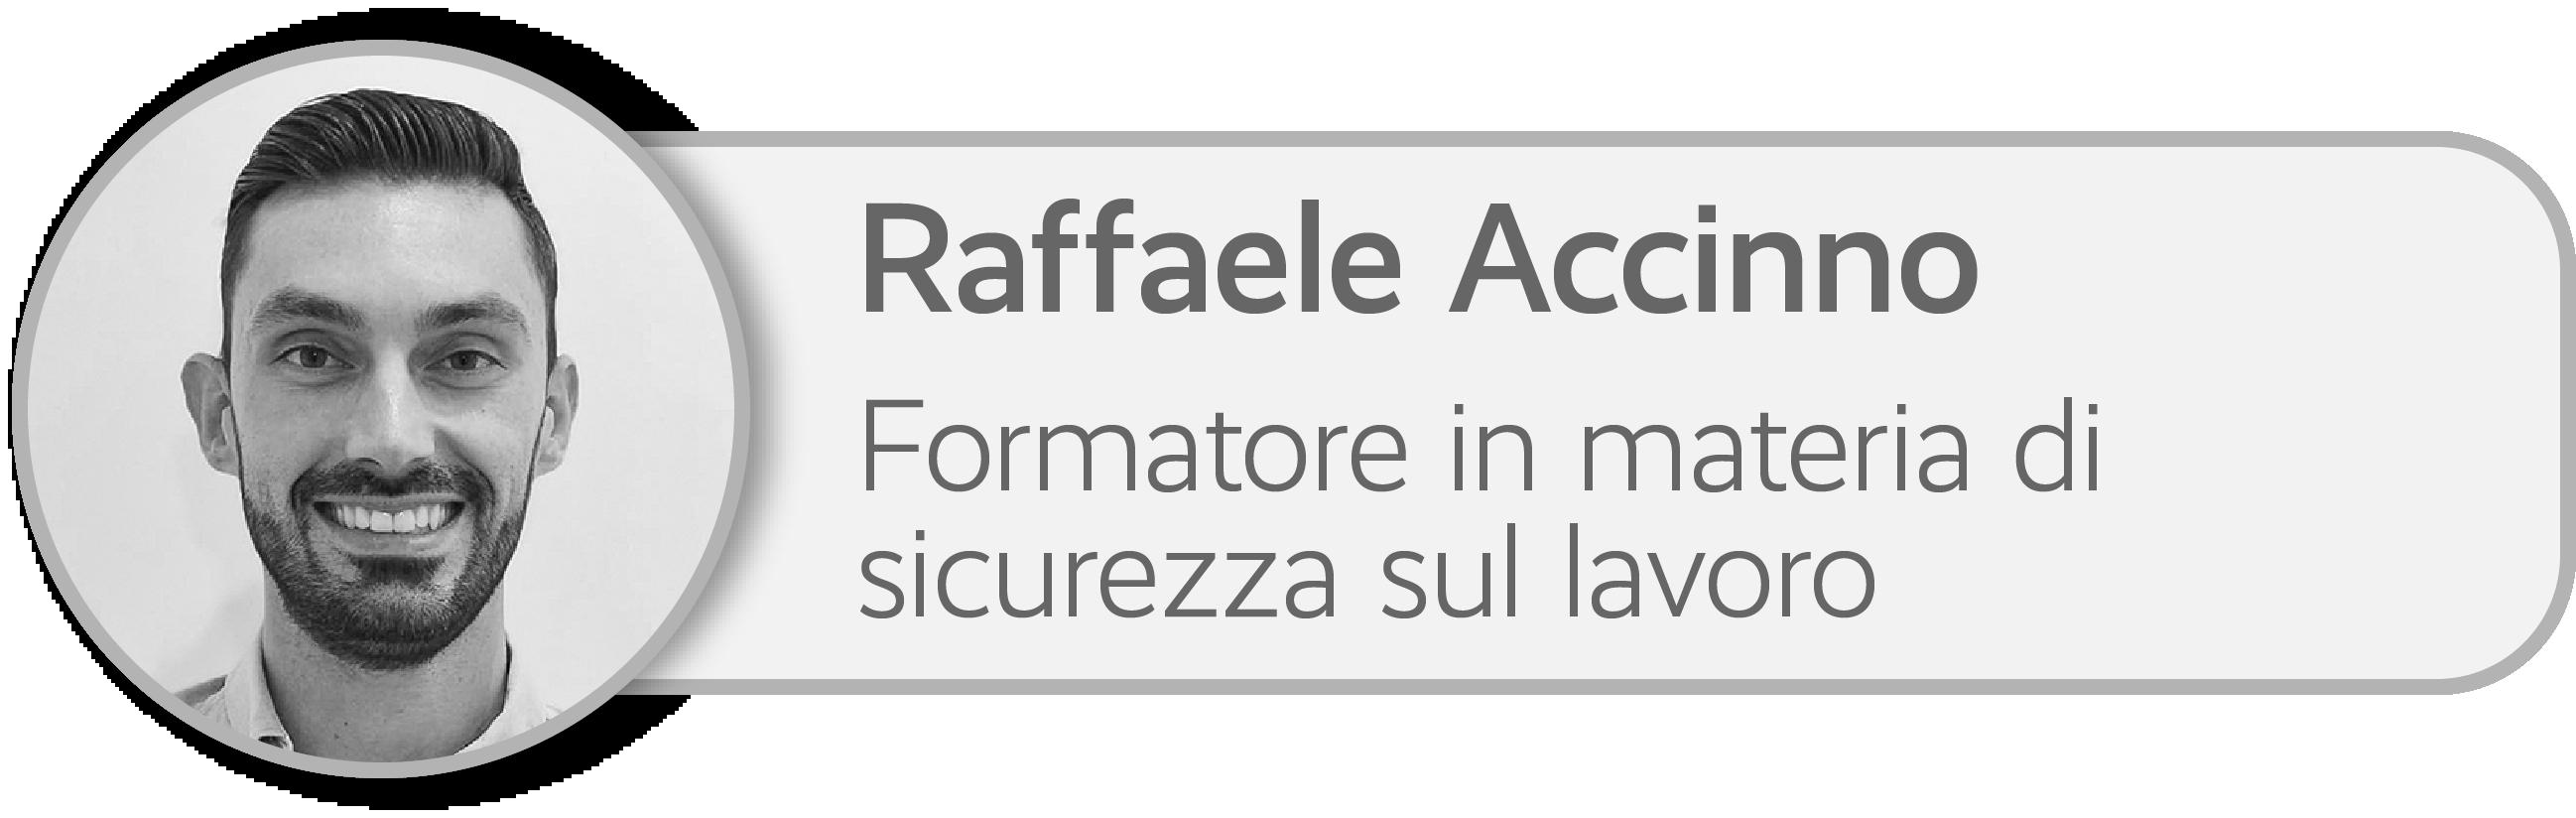 Raffaele Accinno